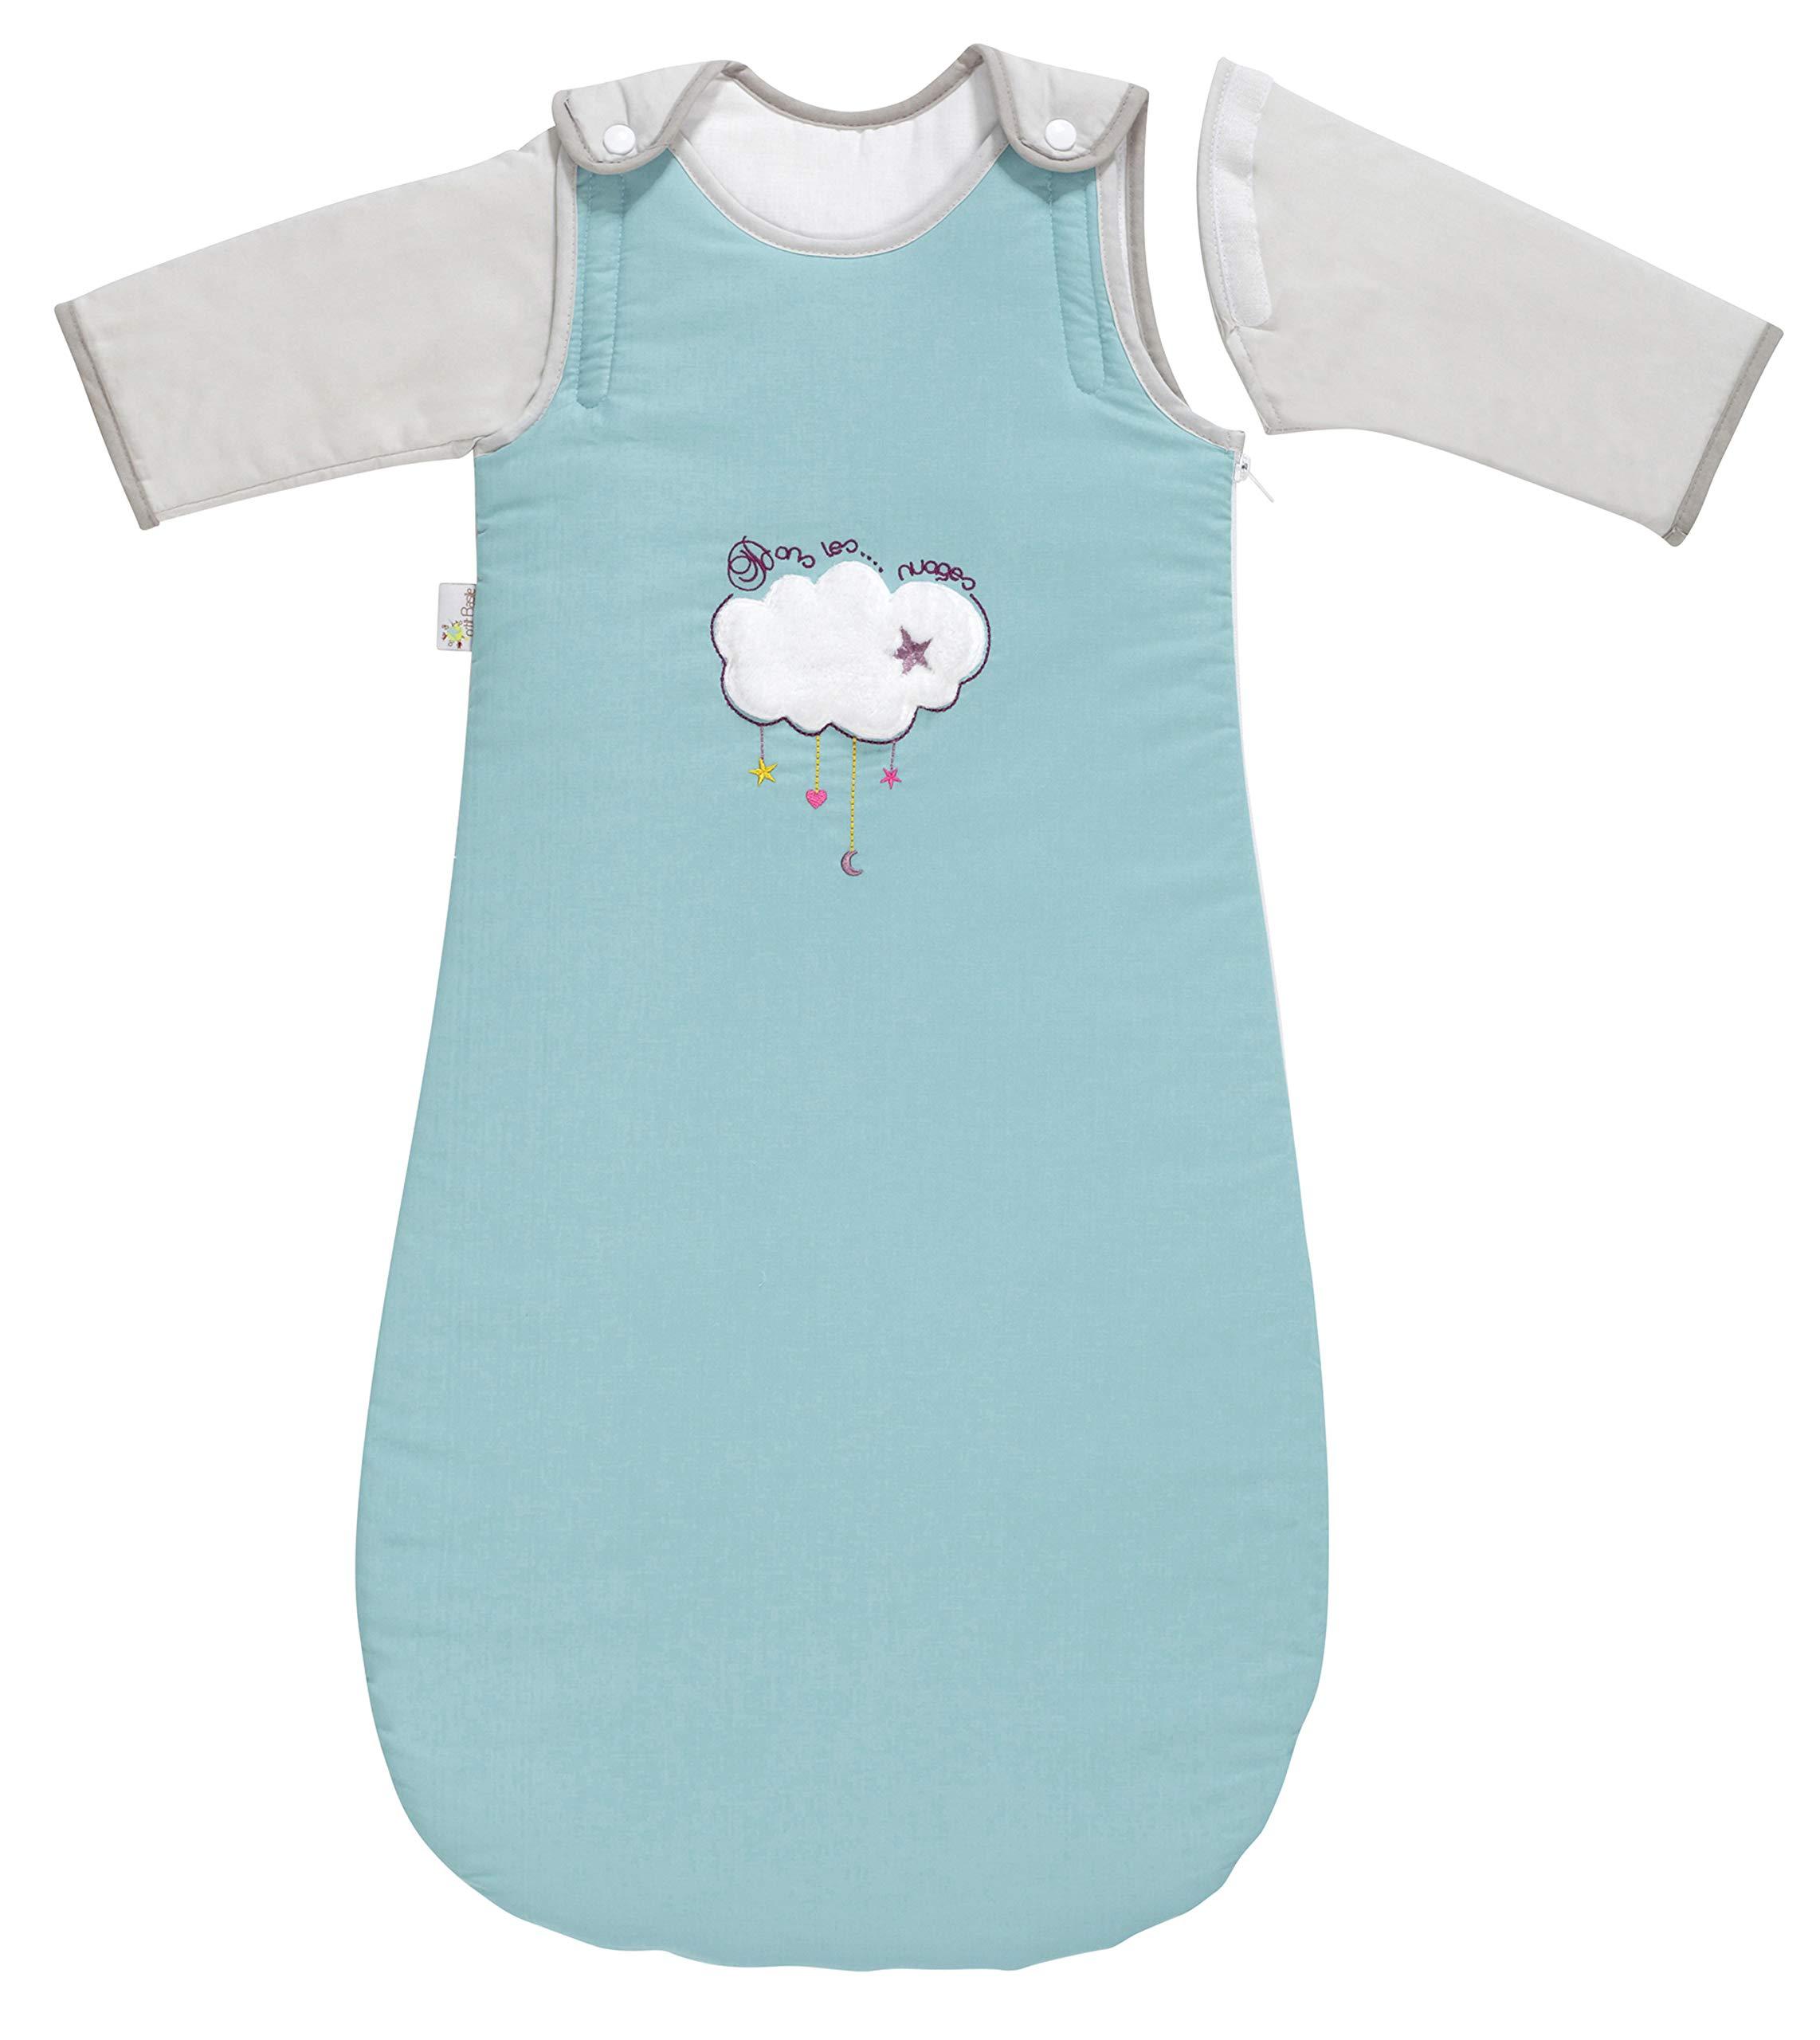 P 'tit Basile – Saco de dormir de invierno para bebé niño, 6-24 meses – 90 cm – con mangas largas extraibles removibles desmontables, algodón orgánico, TOG 2,5 Sirius